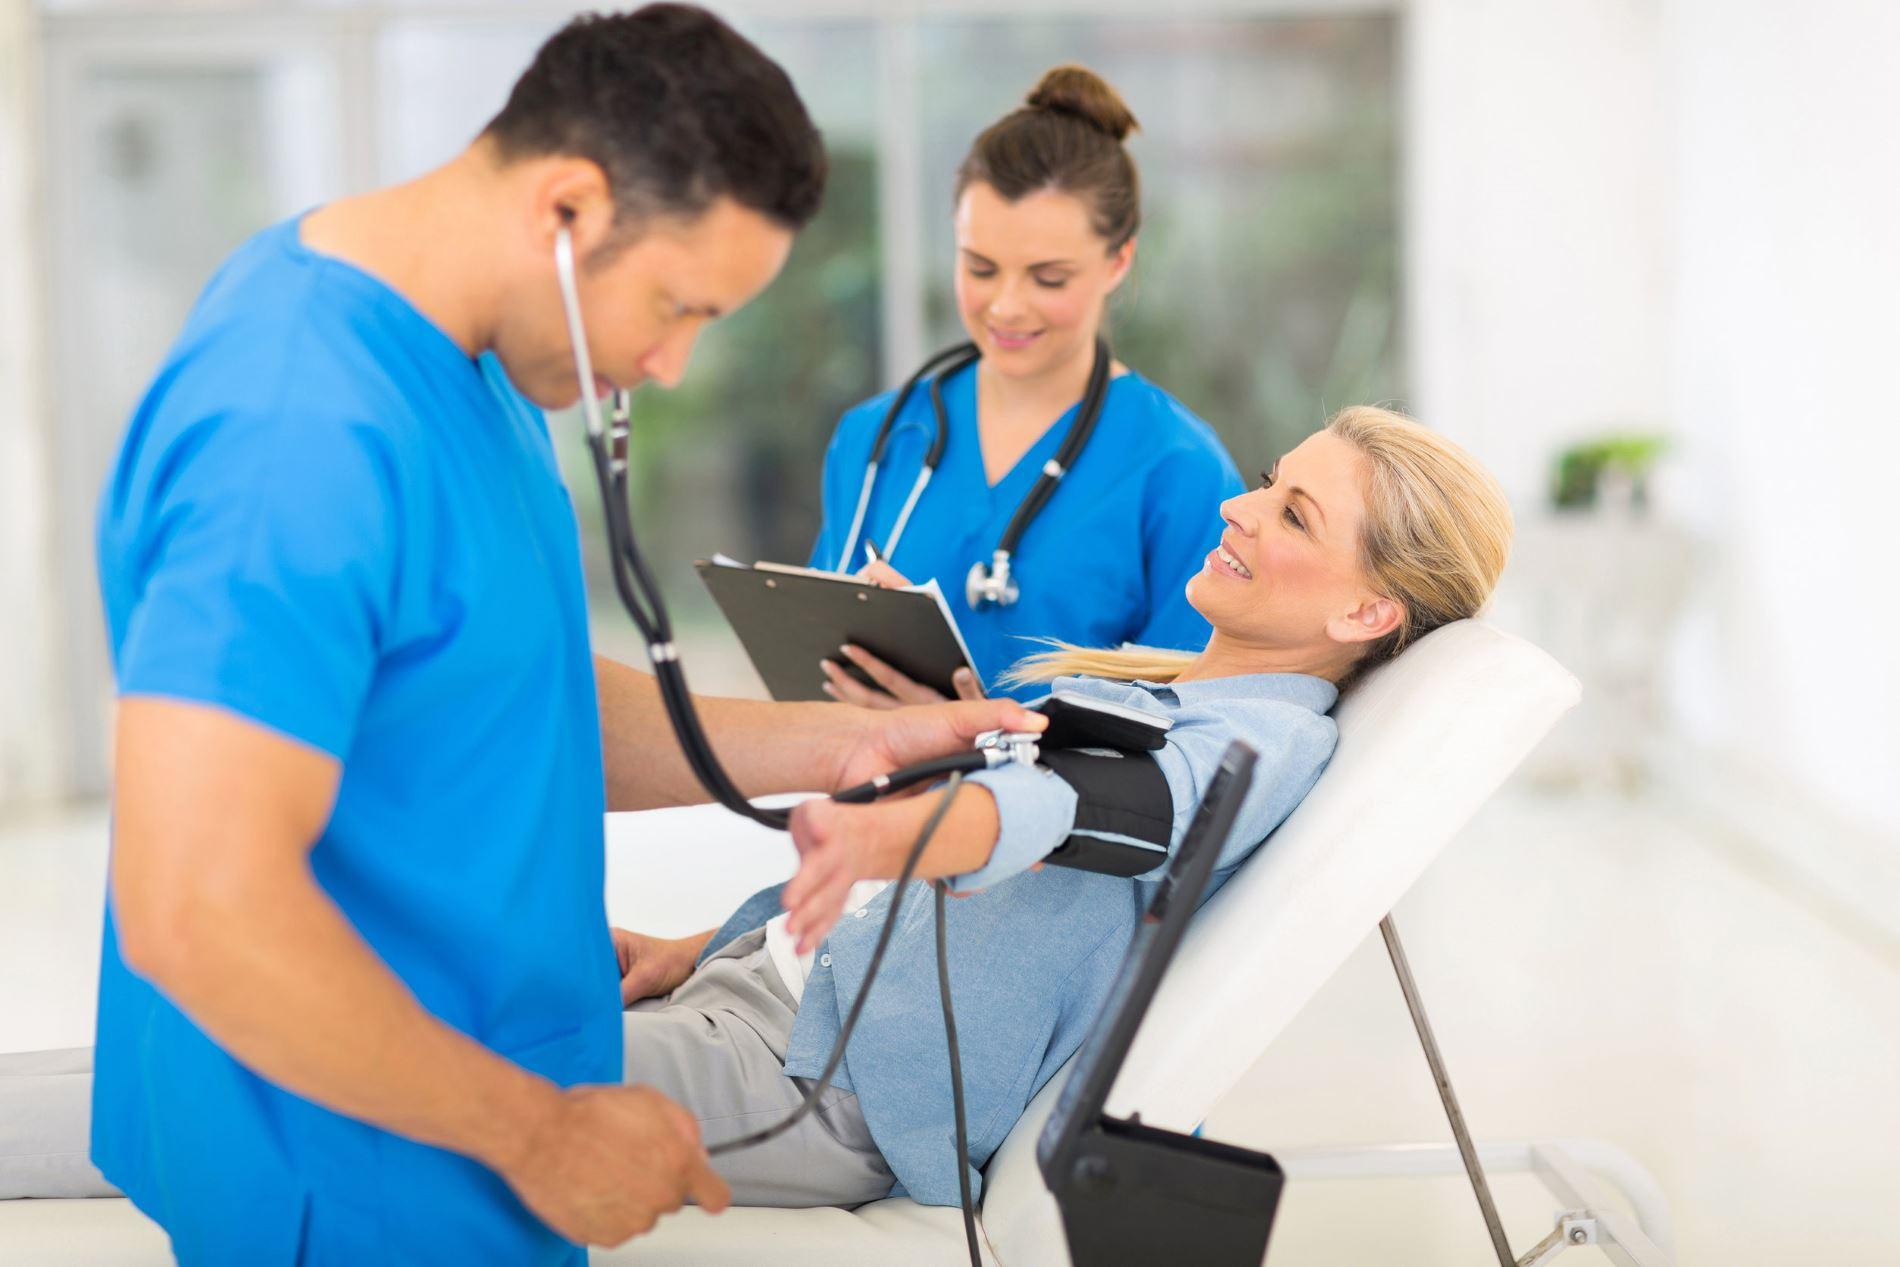 Five Preventive Services